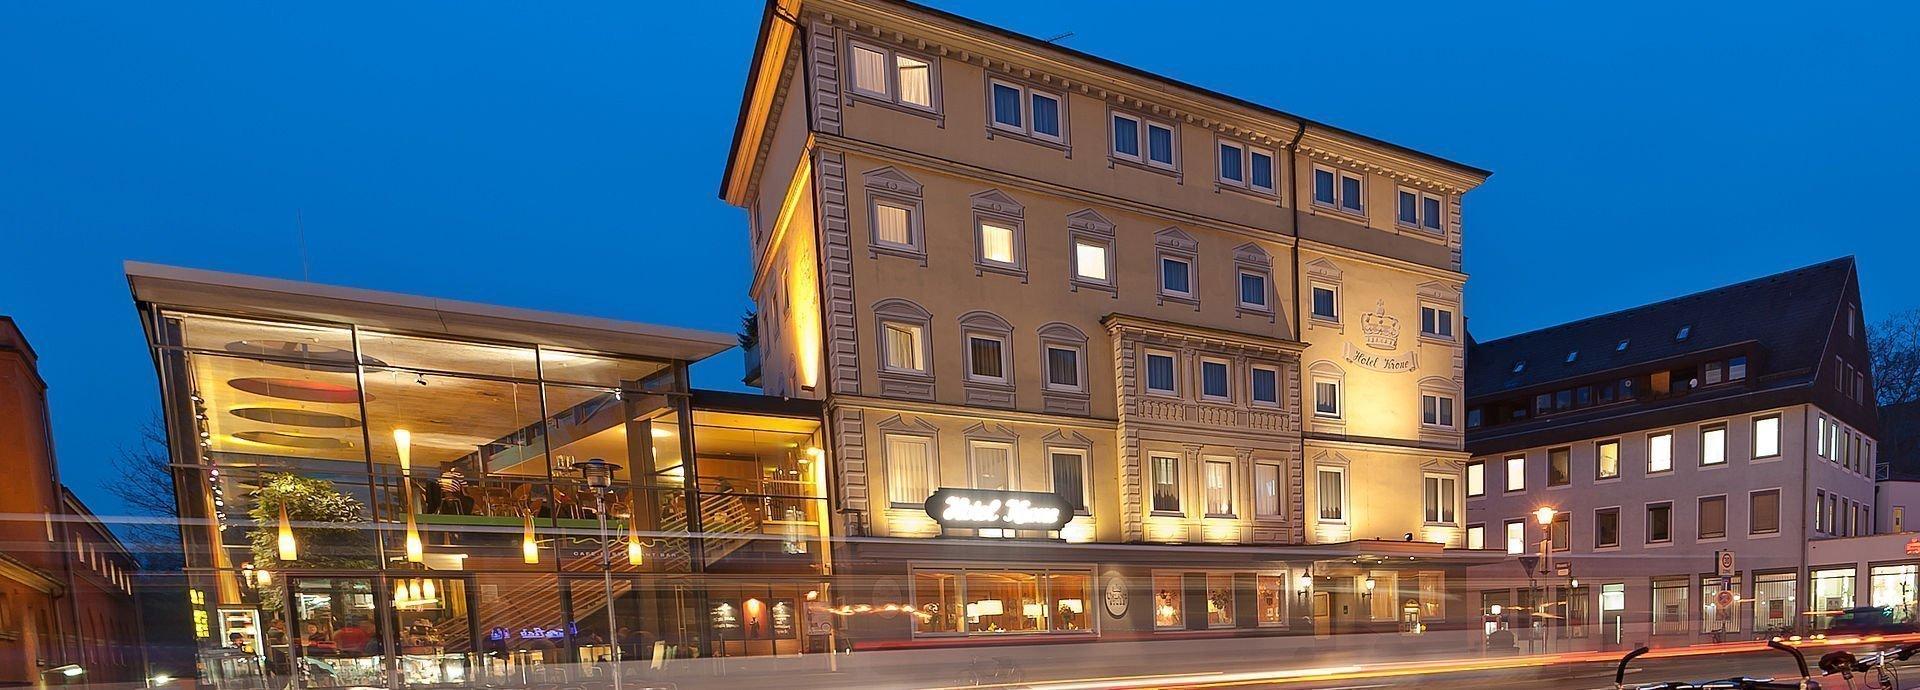 hotel krone t bingen urlaub wellness etc in der altstadt. Black Bedroom Furniture Sets. Home Design Ideas